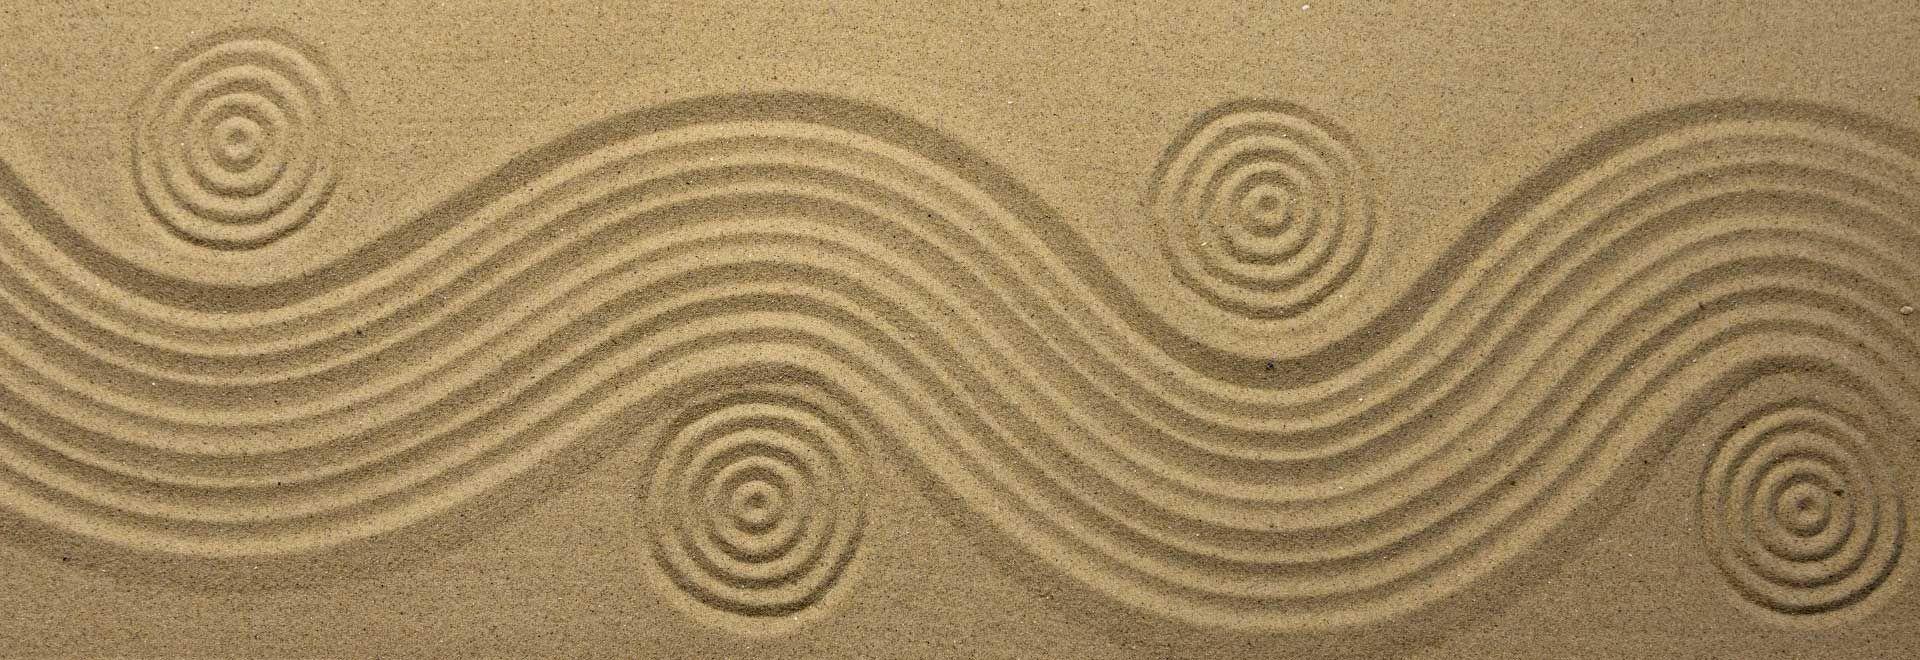 Wellenmuster im Sand